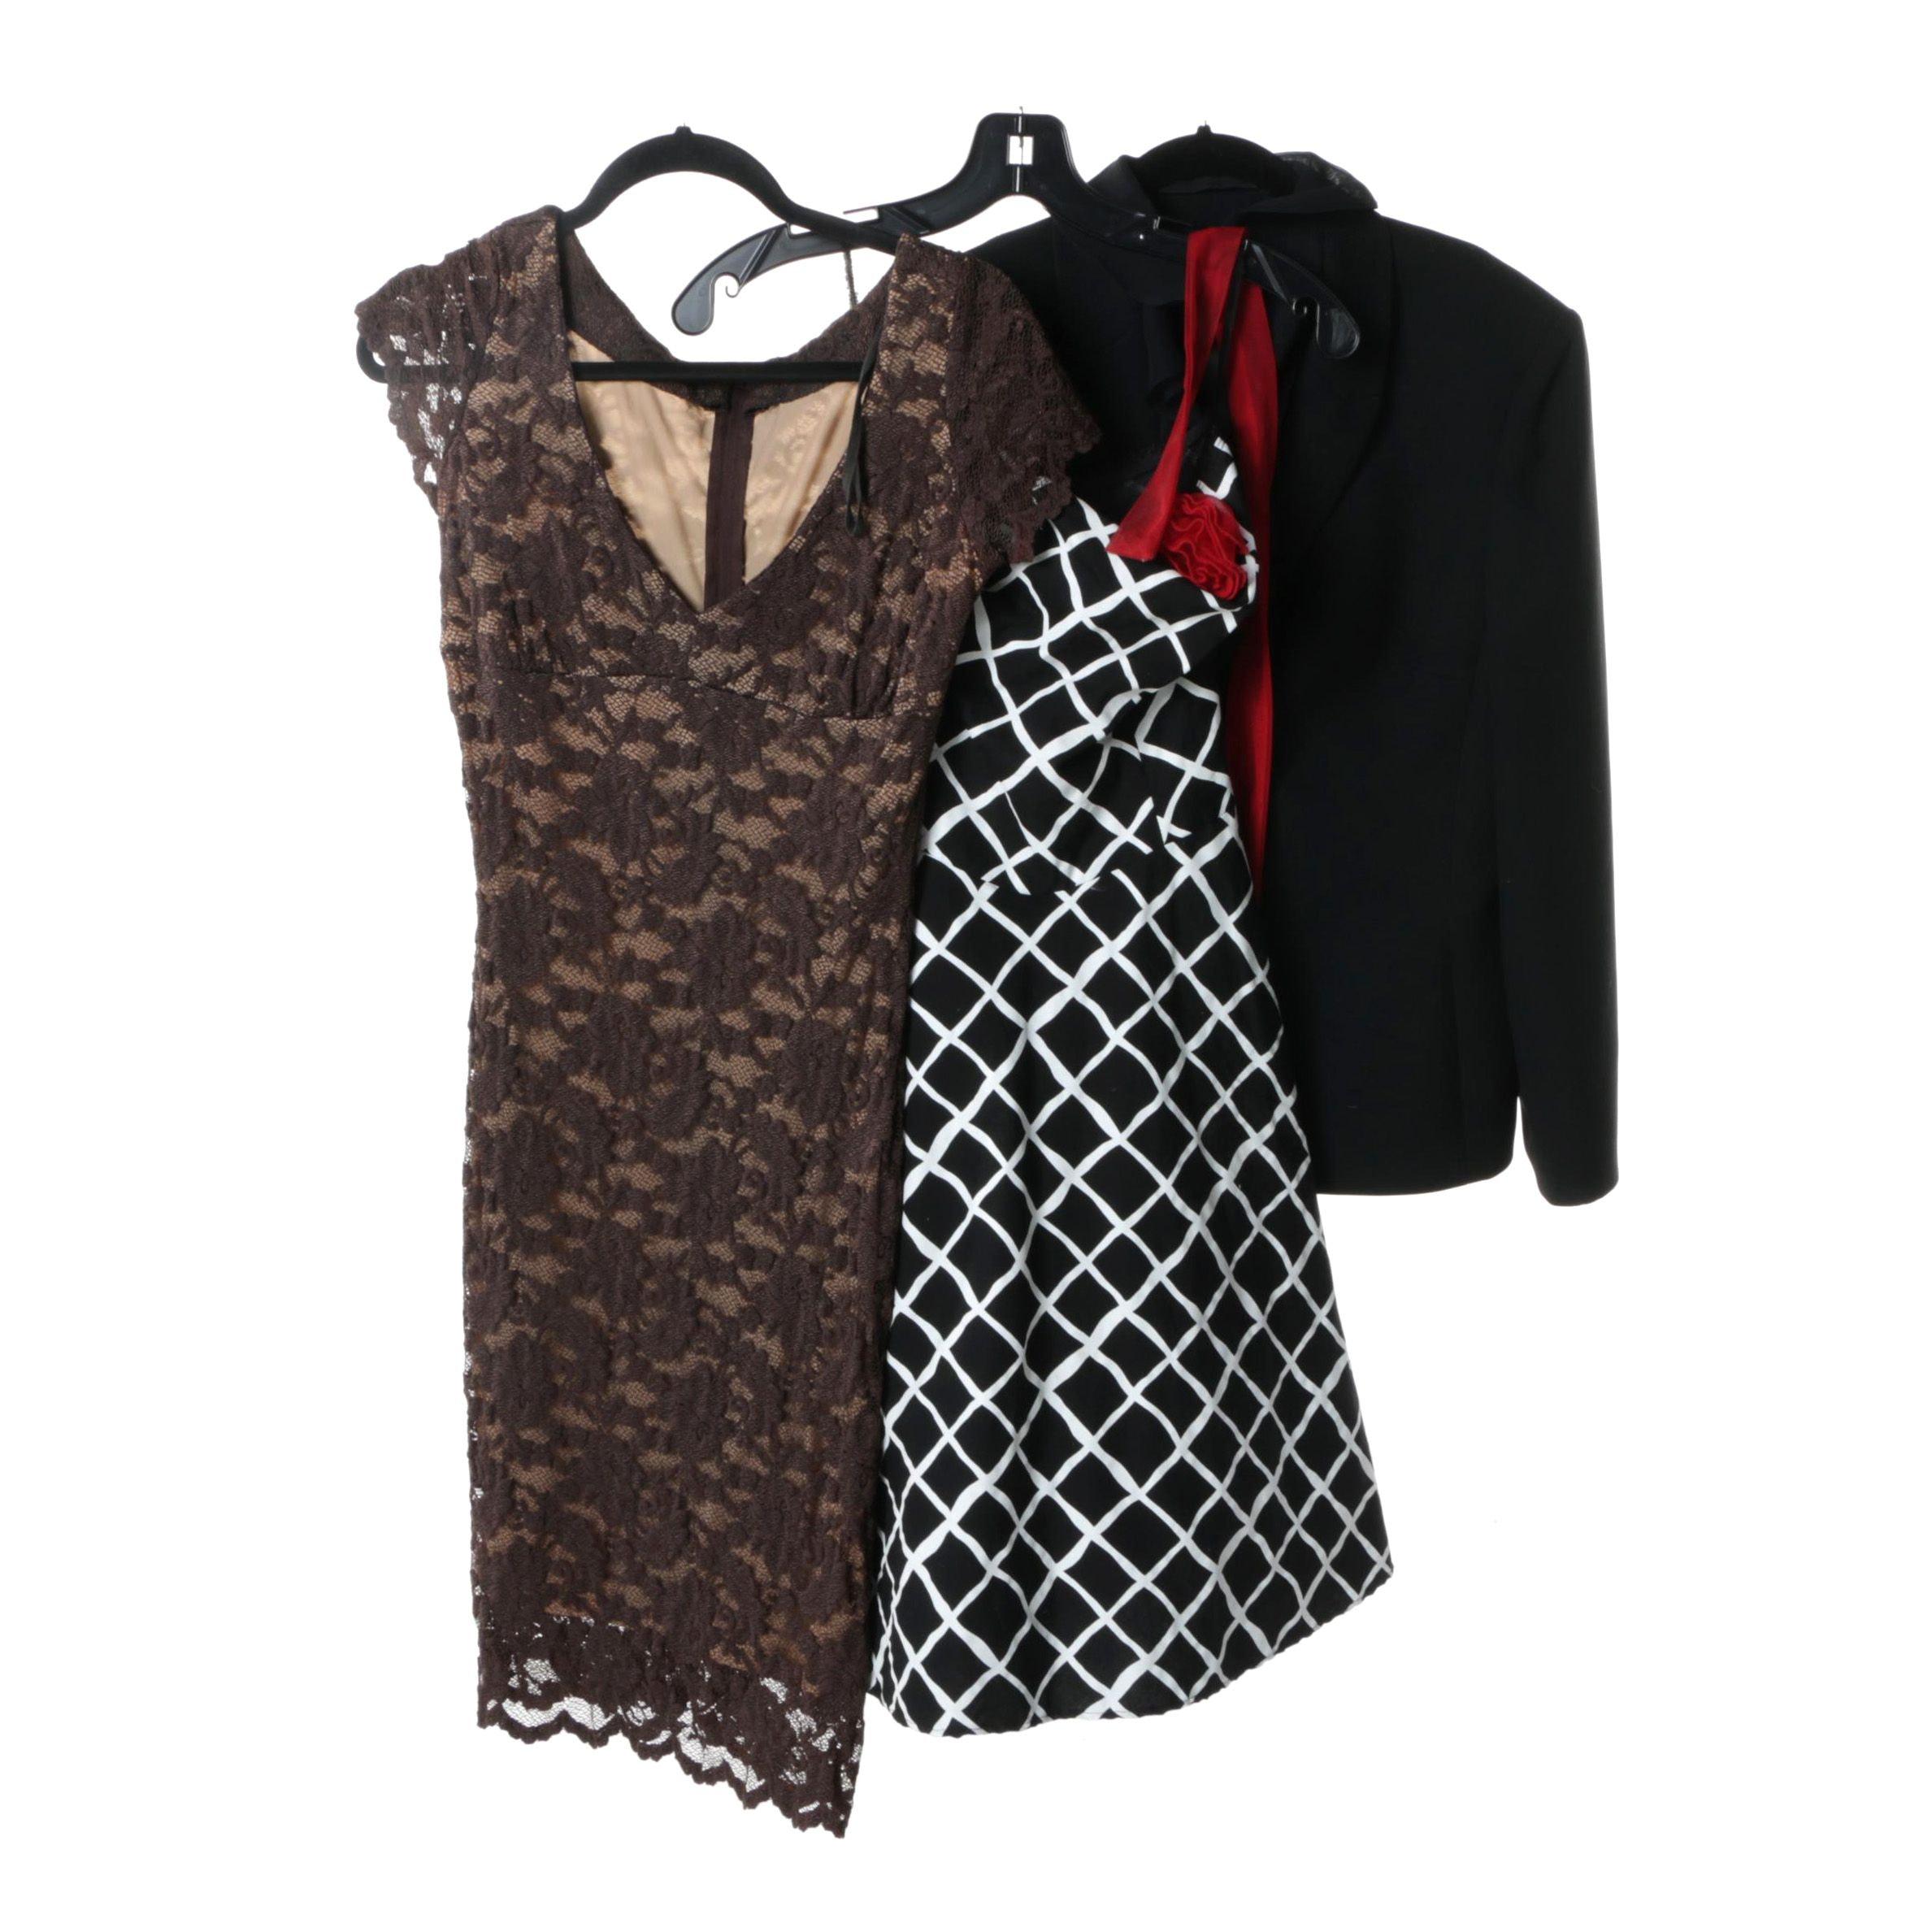 Women's Short Sleeved and Sleeveless Dresses and Tahari Blazer